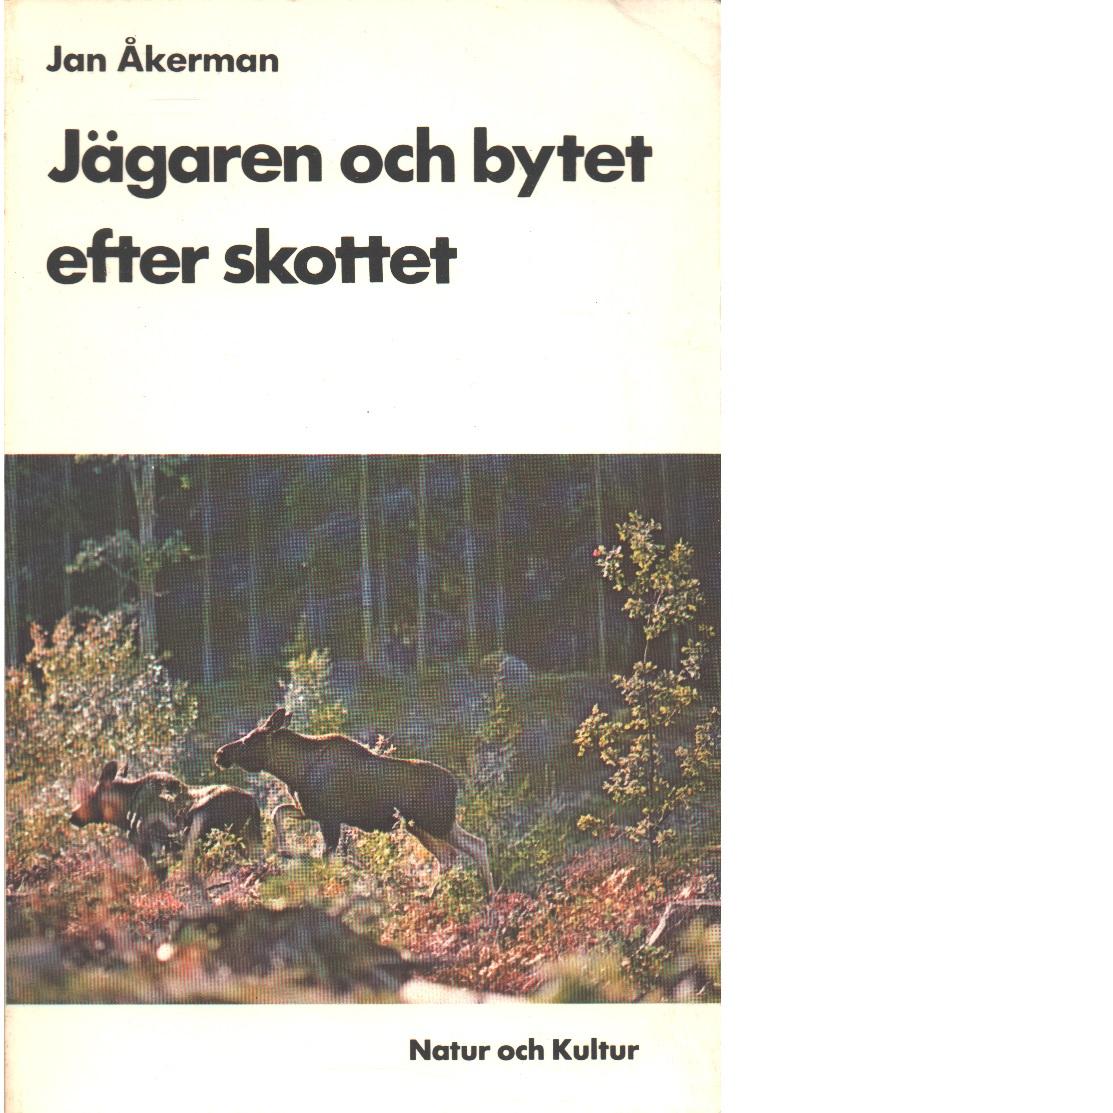 Jägaren och bytet efter skottet - Åkerman, Jan